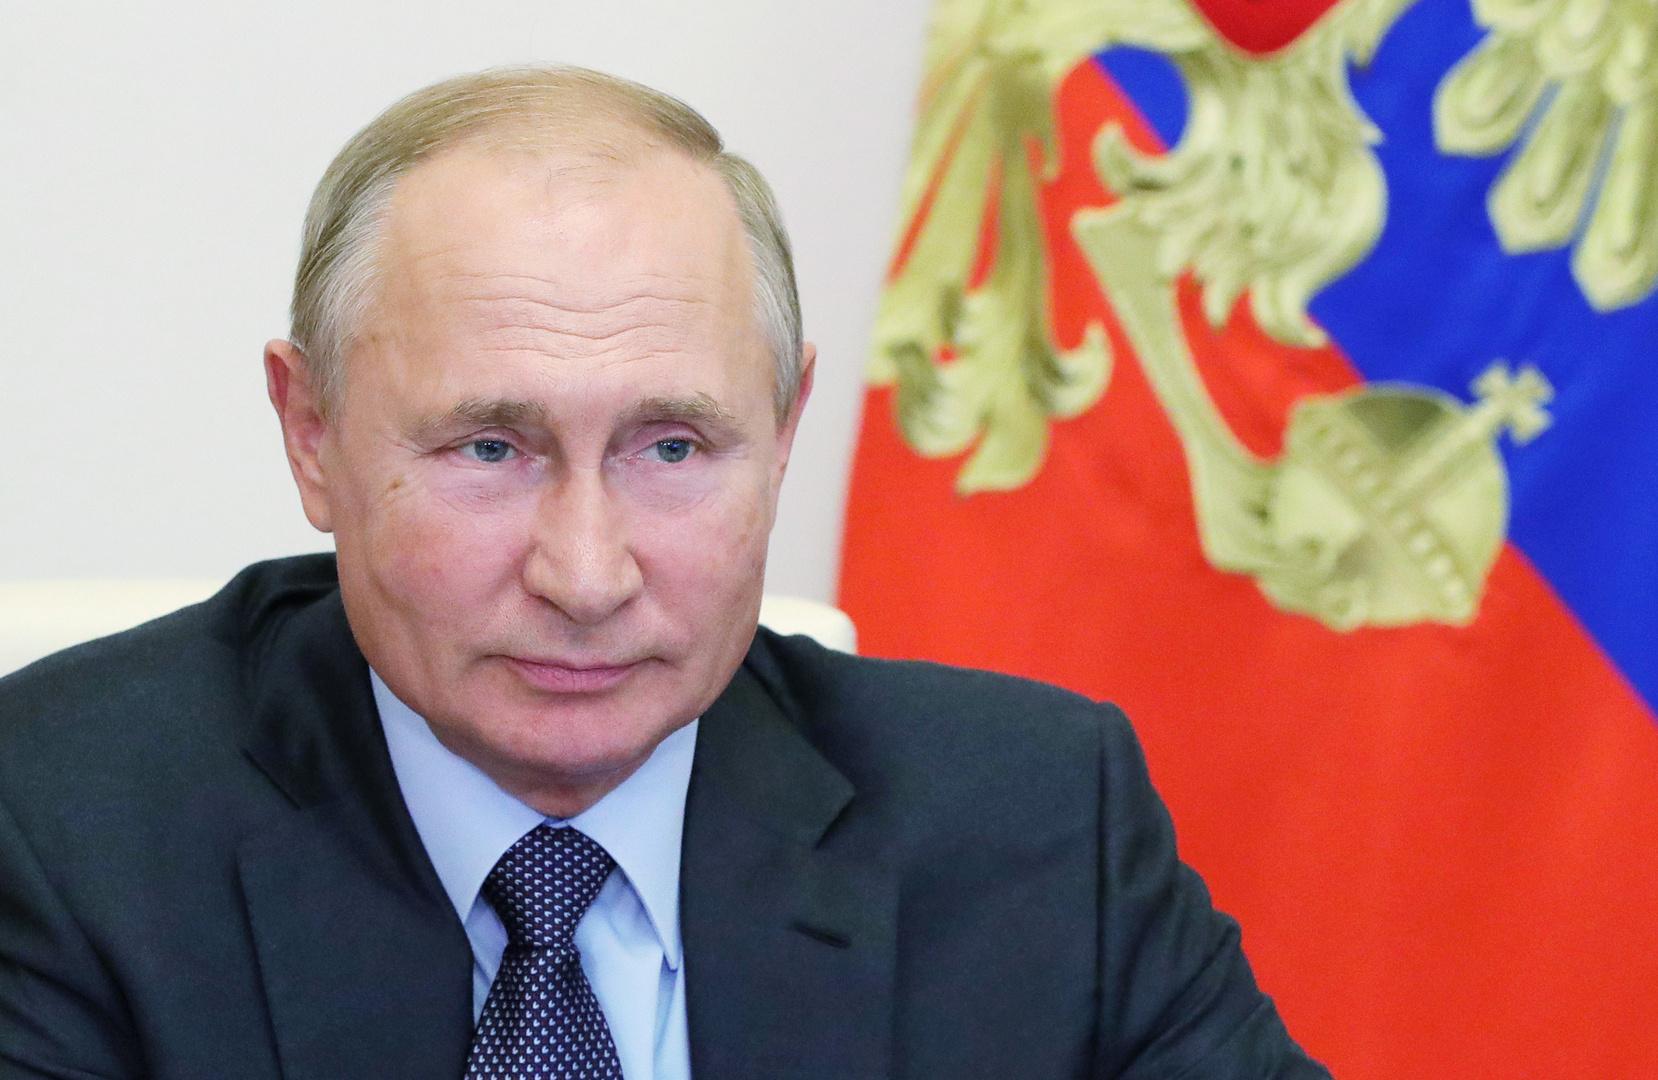 ياكوف كيدمي: لو استطاعت الولايات المتحدة تصفية رئيسكم لفعلت